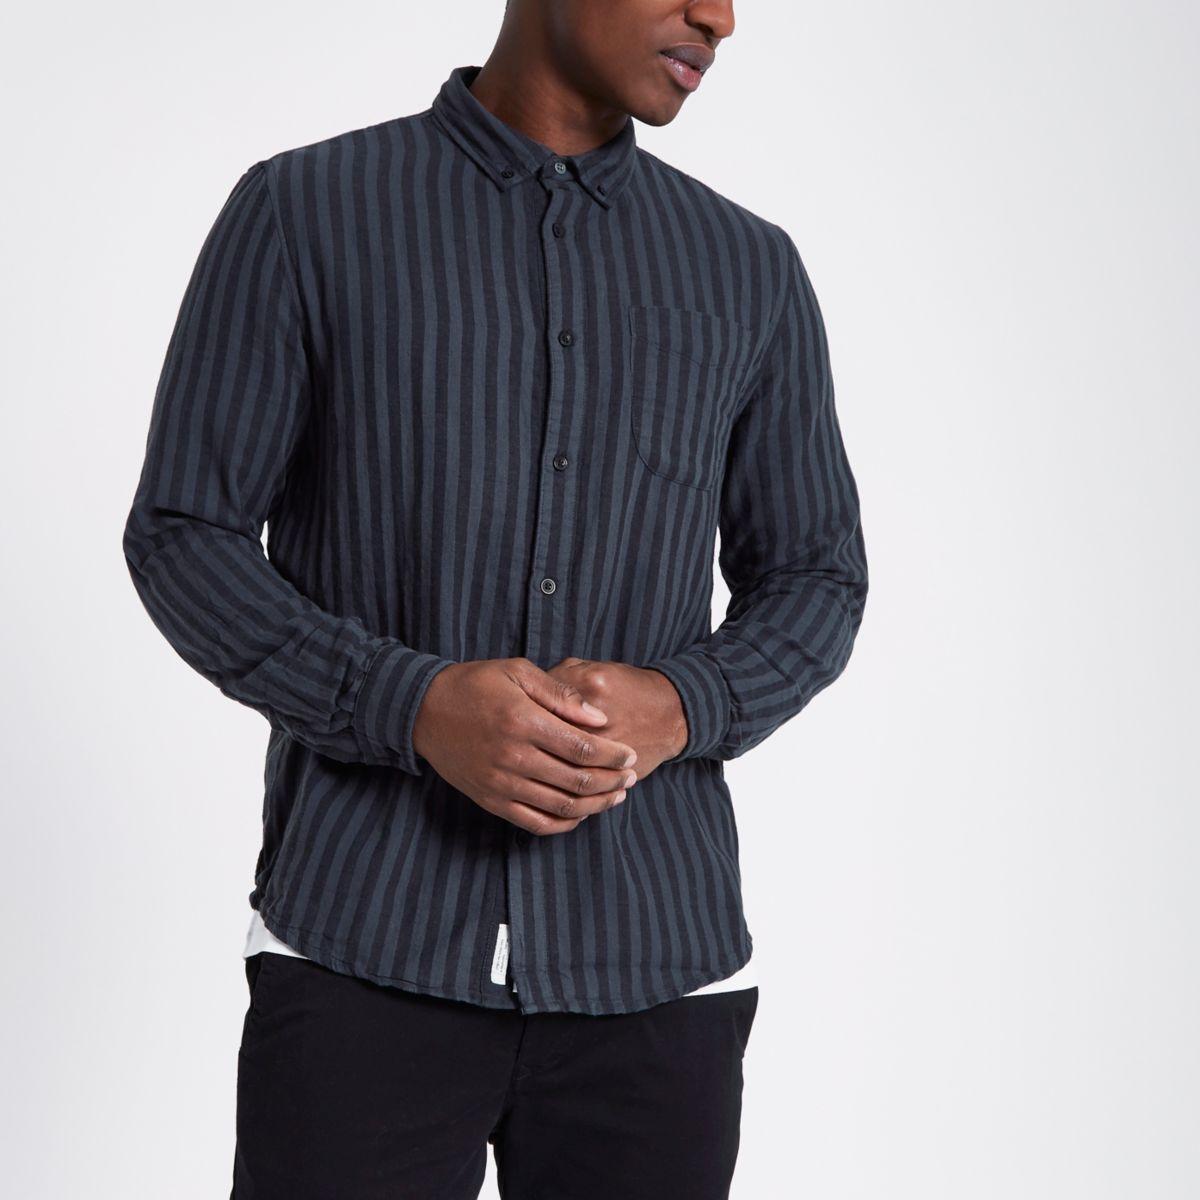 Schwarz gestreiftes Langarmhemd mit Knopfleiste